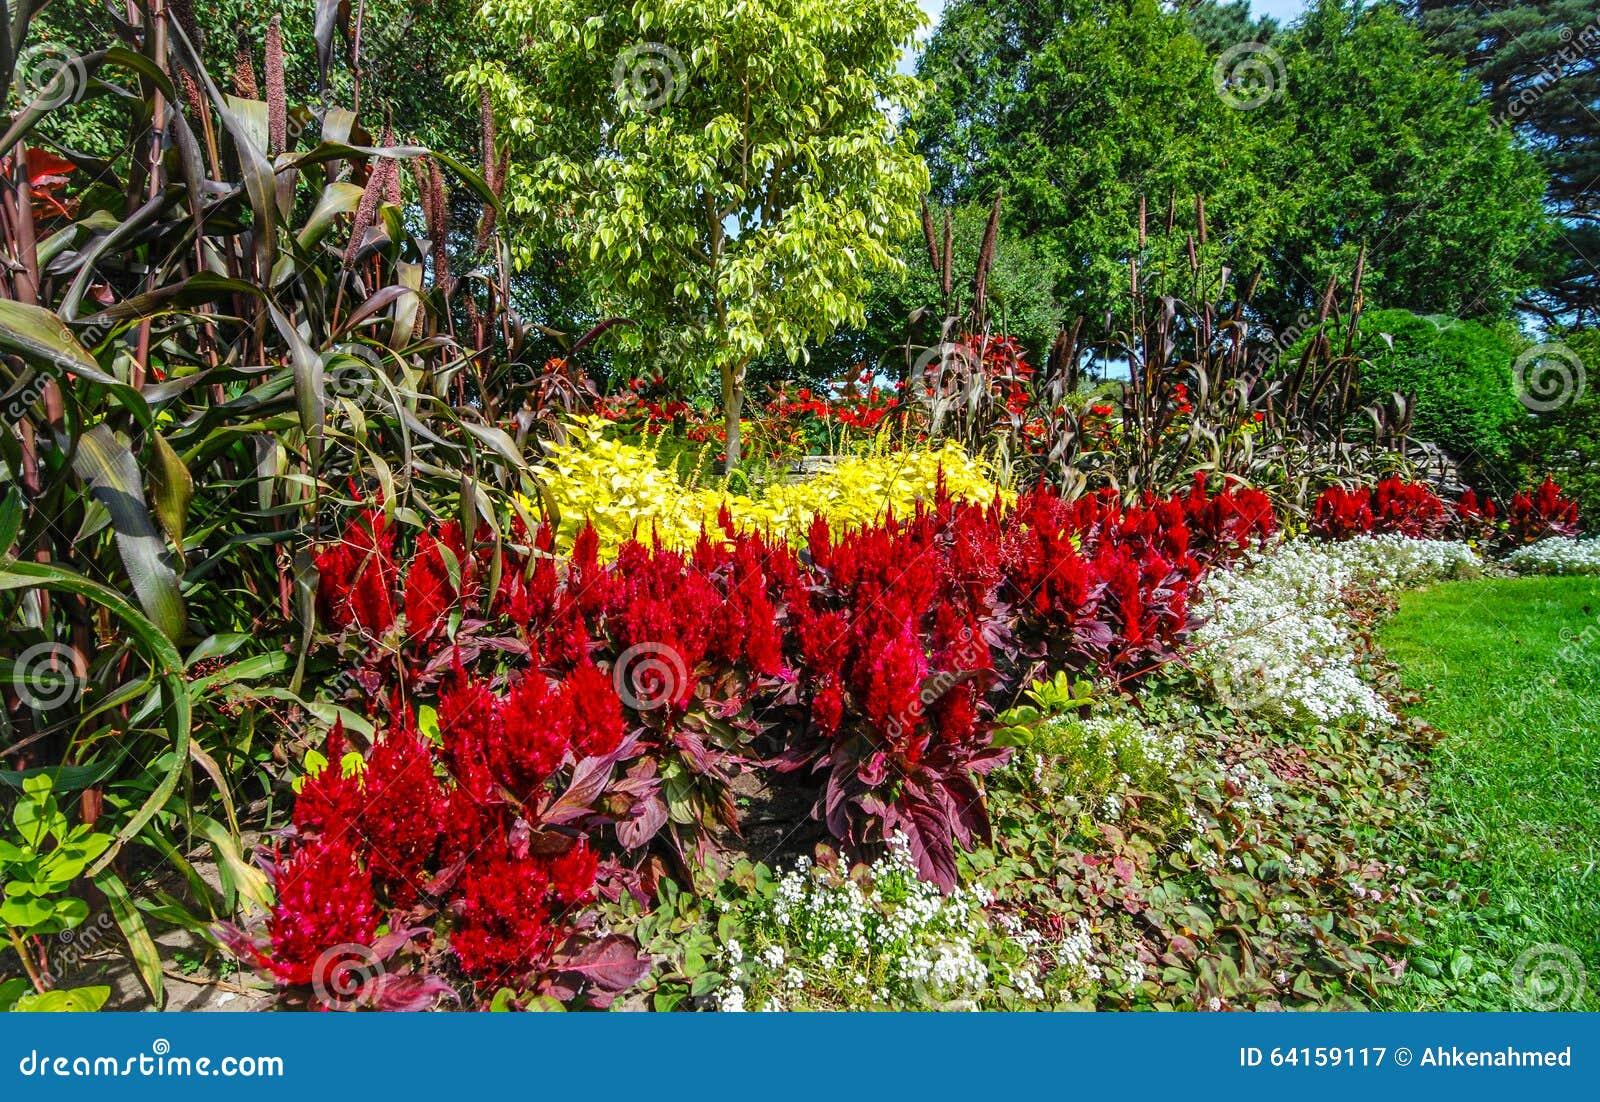 Jardins De Couleur Variété De Fleurs De Ressort Image stock - Image ...